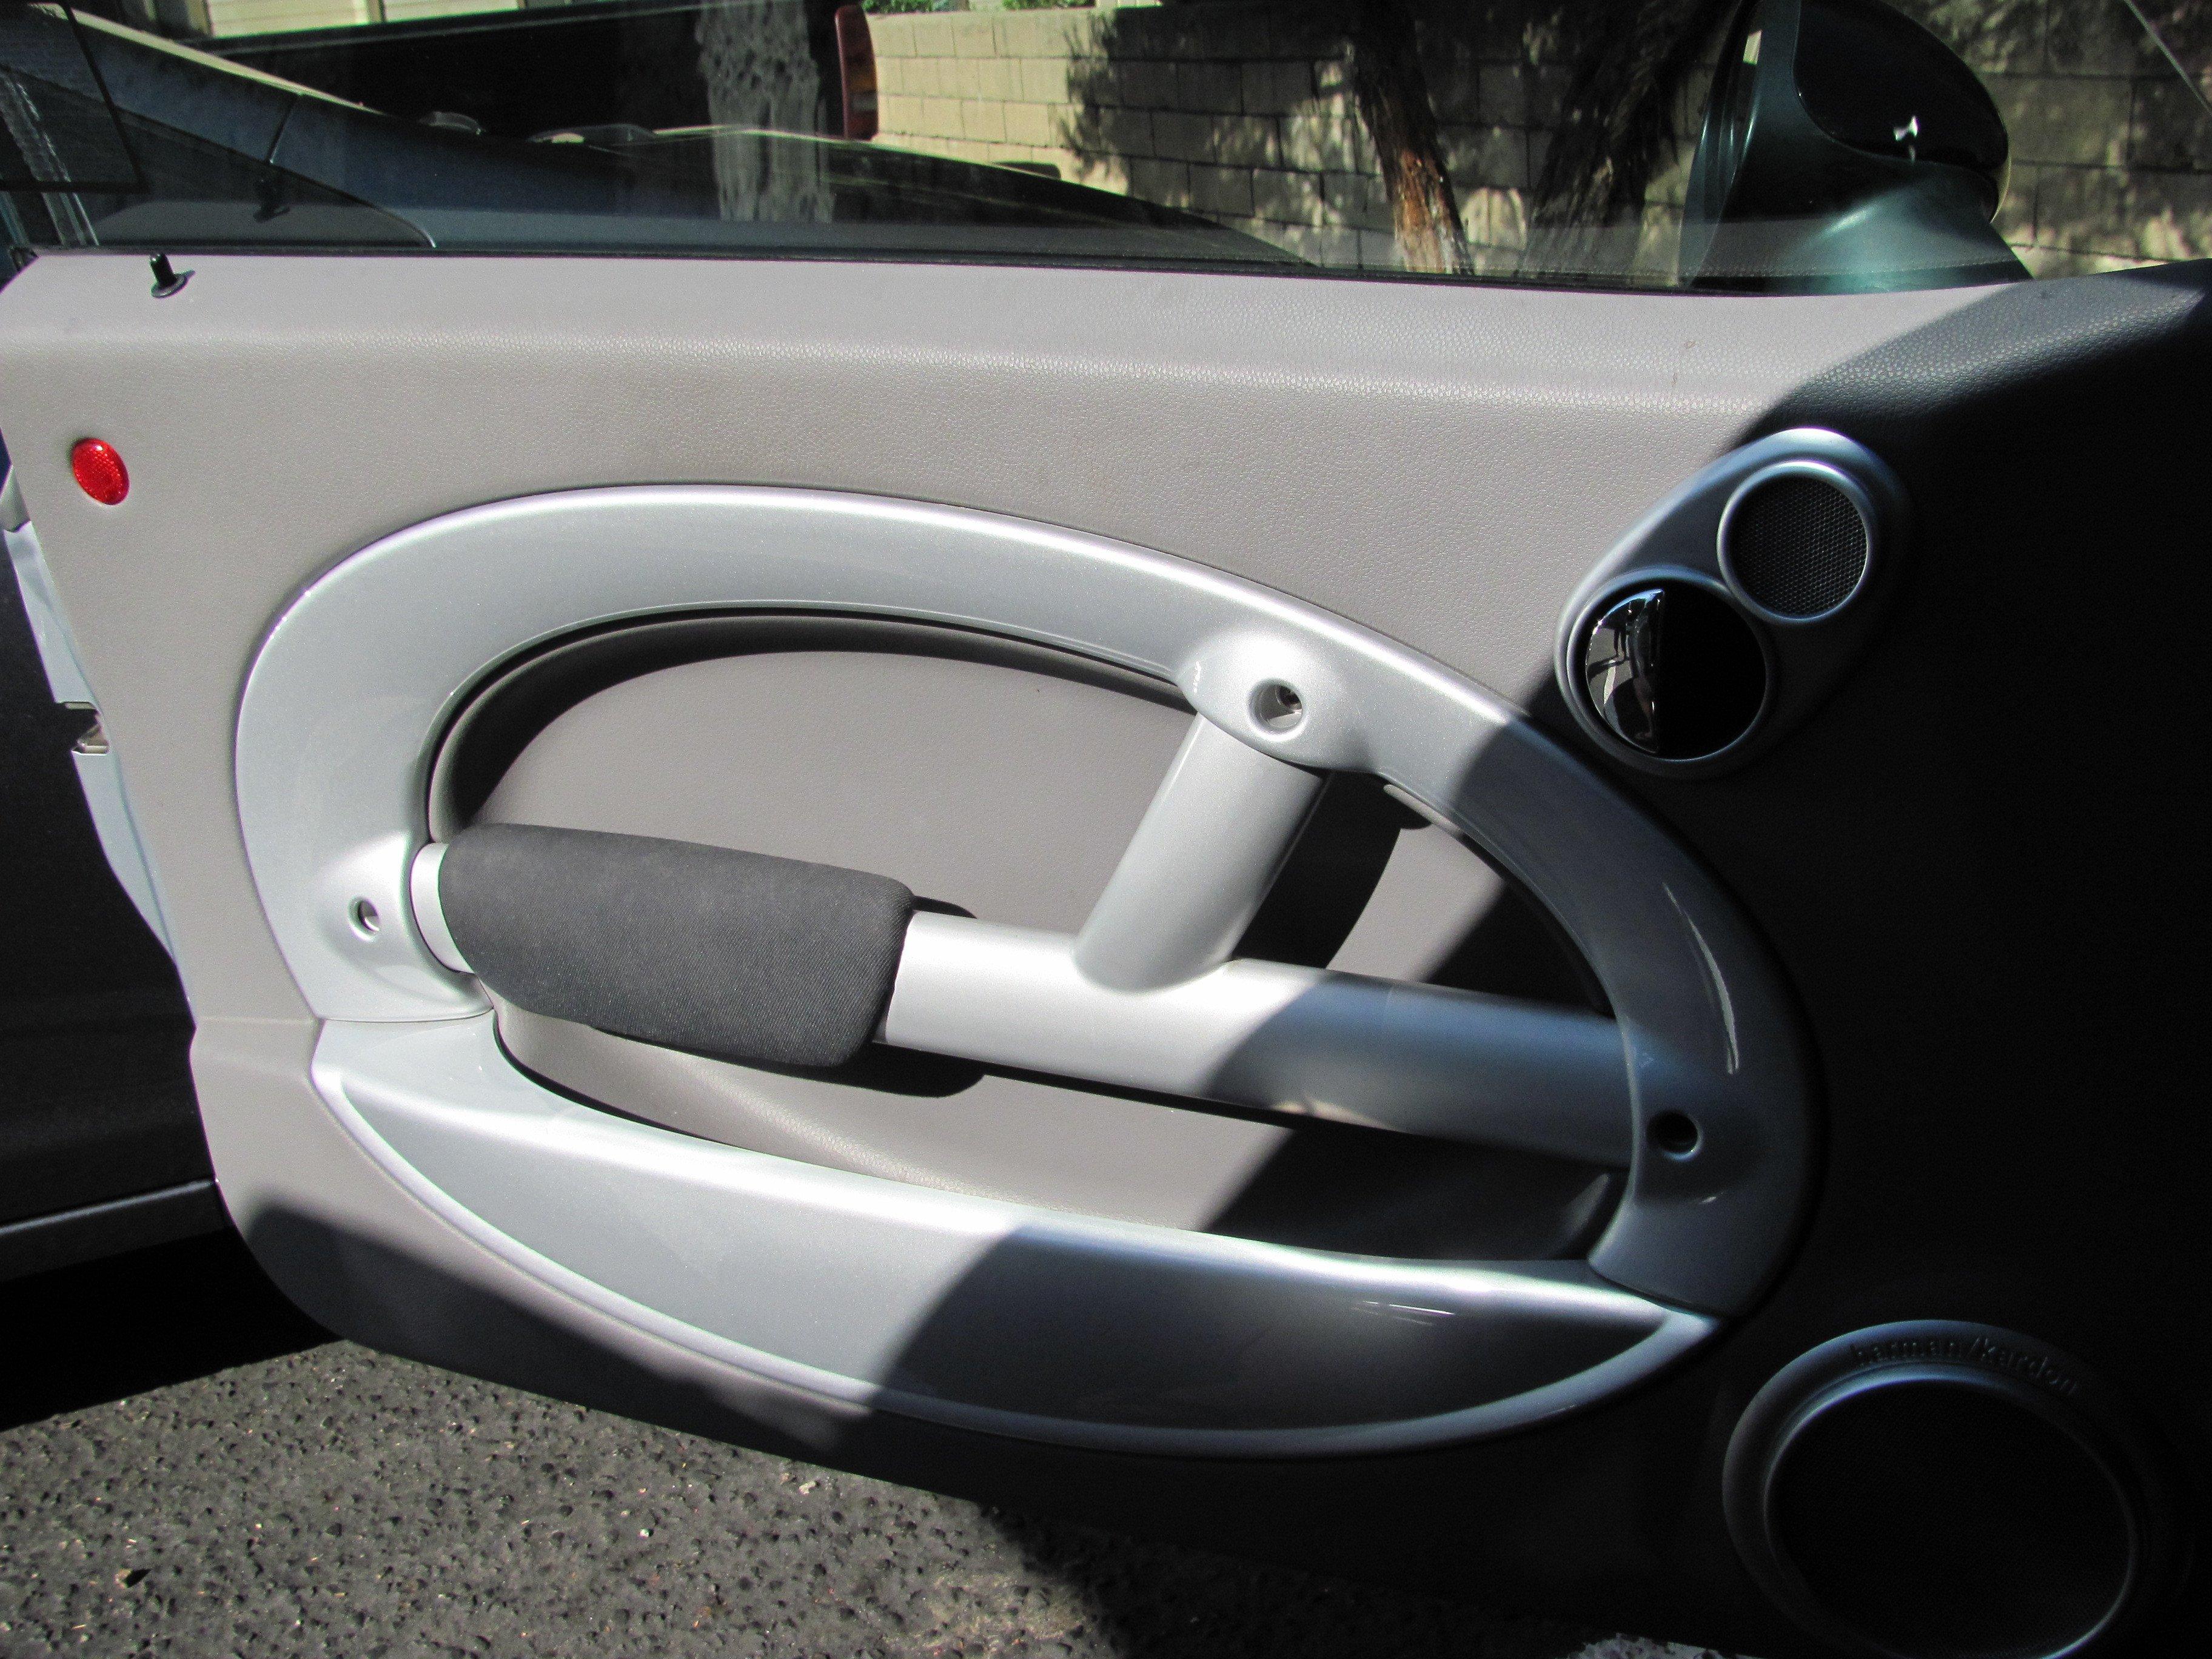 2001 2006 Mini Cooper Door Panel Replacement 2001 2002 2003 2004